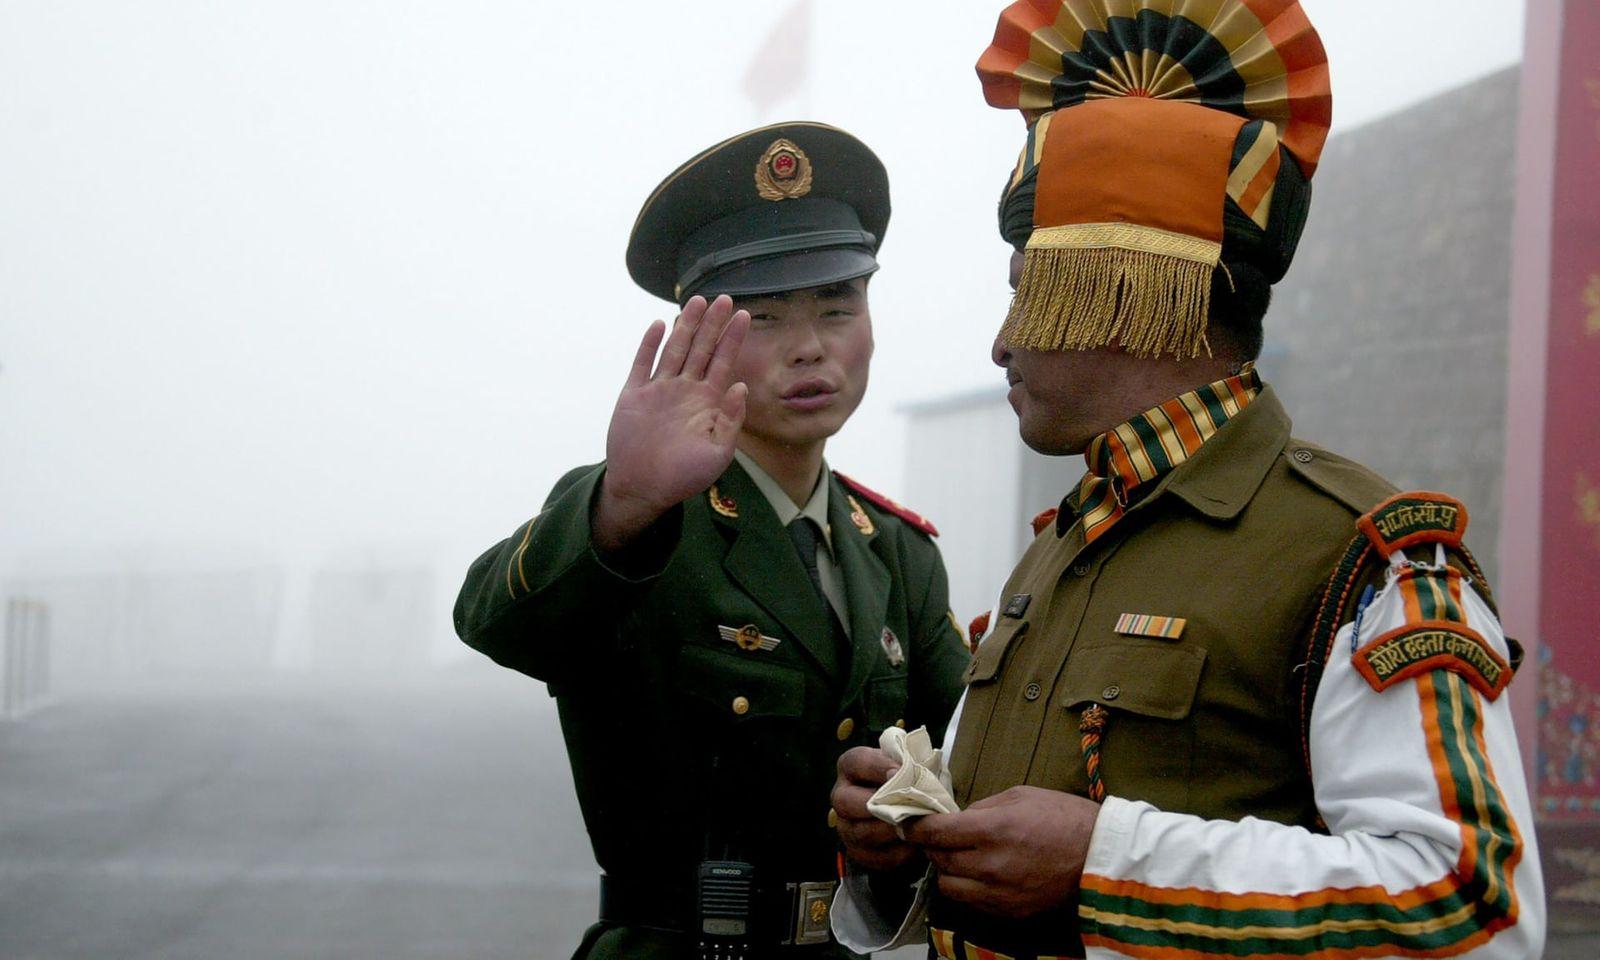 Энэтхэг-Хятадын хилийн маргаантай бүсэд болсон мөргөлдөөний үеэр Энэтхэгийн талаас 20 цэрэг амь үрэгджээ